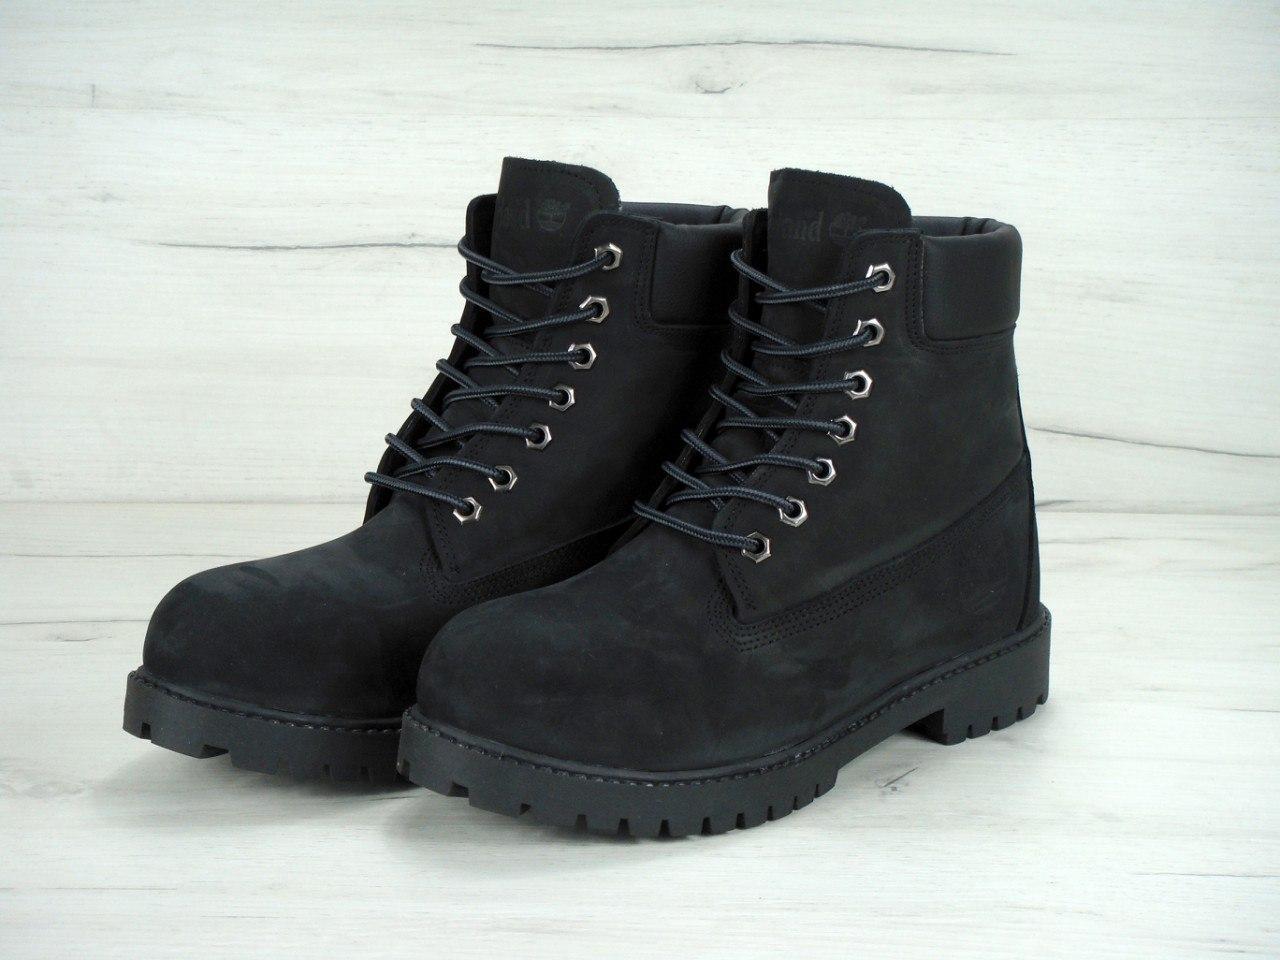 Зимние ботинки Timberland реплика ААА+ (нат. нубук и нат. мех) р. 36-45 черный (живые фото), фото 1